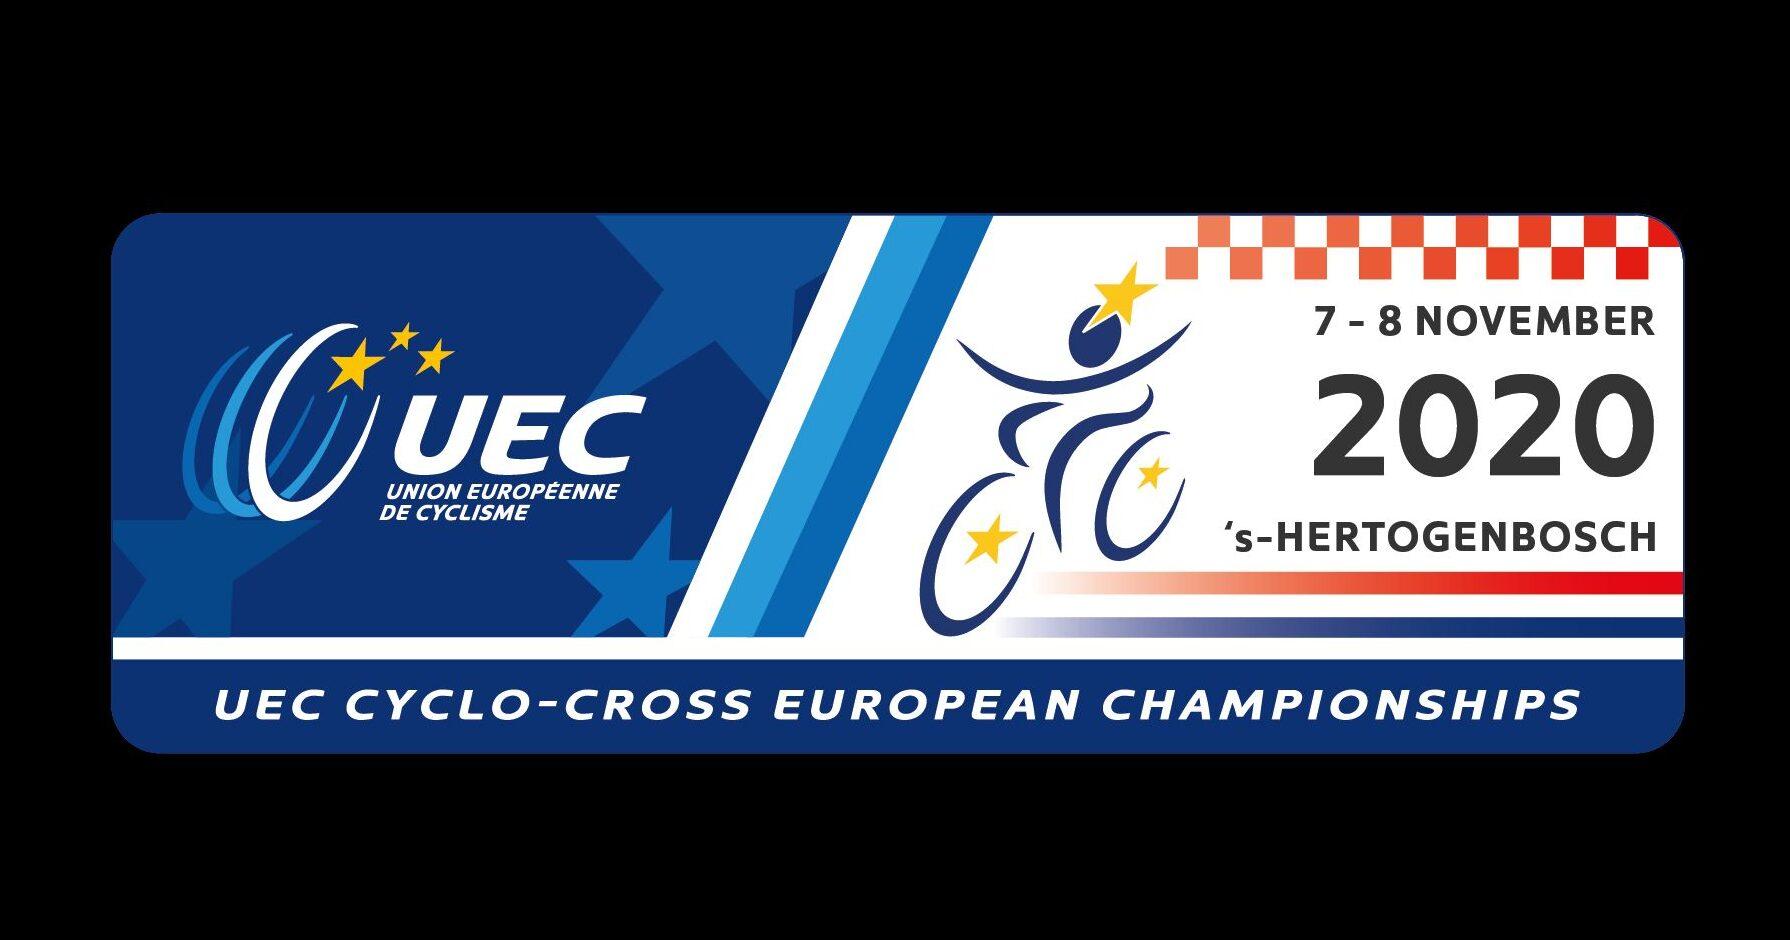 Mistrzostwa Europy w kolarstwie przełajowym 2020 w holenderskim 's-Hertogenbosch